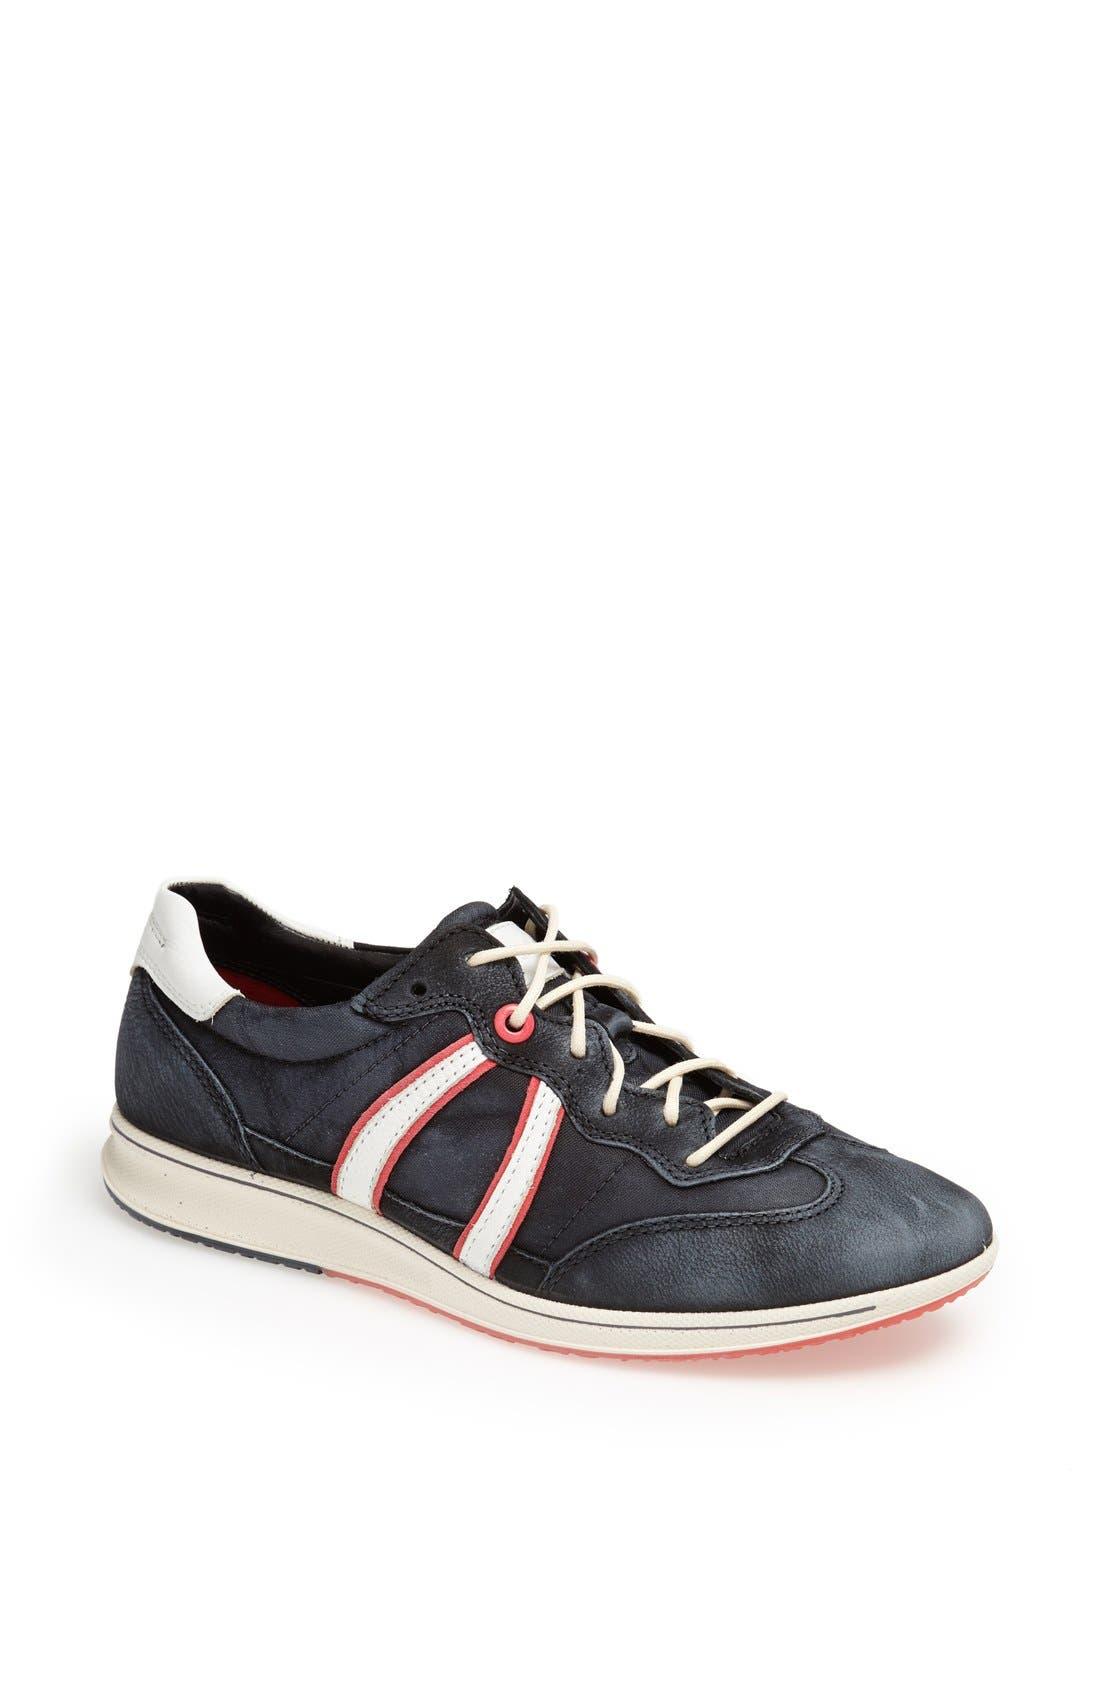 Alternate Image 1 Selected - ECCO 'Jogga' Sneaker (Women)